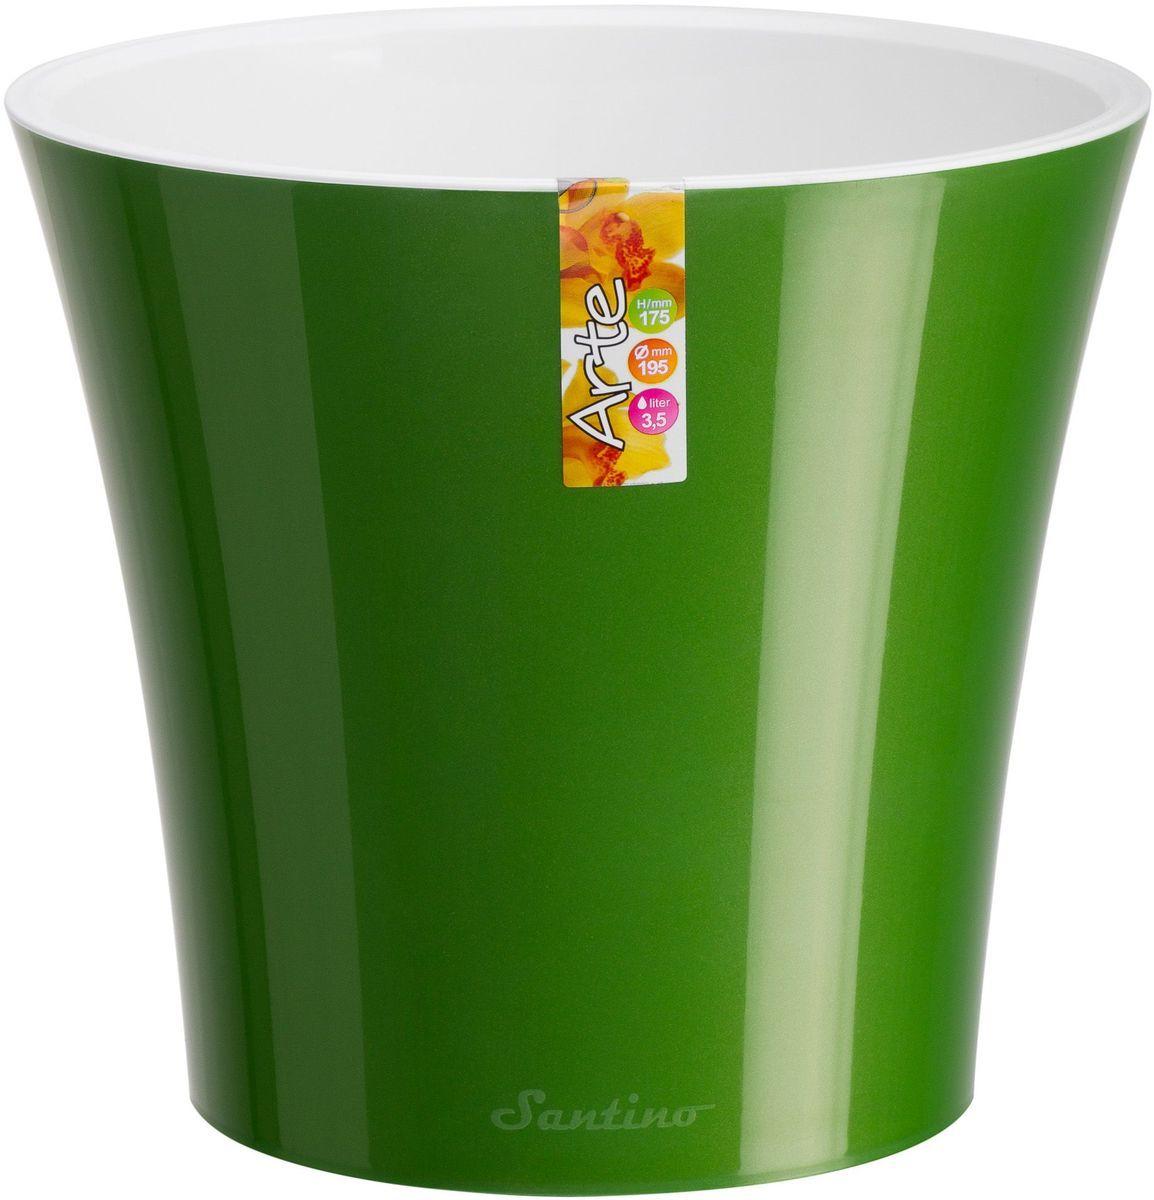 Горшок цветочный Santino Арте, двойной, с системой автополива, цвет: зеленое золото, белый, 2 лАРТ 2 ЗЗ-БГоршок цветочный Santino Арте снабжен дренажной системой и состоит из кашпо и вазона-вкладыша. Изготовлен из пластика. Особенность: тарелочка или блюдце не нужны. Горшок предназначен для любых растений или цветов. Цветочный дренаж – это система, которая позволяет выводить лишнюю влагу через корневую систему цветка и слой почвы. Растение – это живой организм, следовательно, ему необходимо дышать. В доступе к кислороду нуждаются все части растения: -листья; -корневая система. Если цветовод по какой-либо причине зальет цветок водой, то она буквально вытеснит из почвенного слоя все пузырьки кислорода. Анаэробная среда способствует развитию различного рода бактерий. Безвоздушная среда приводит к загниванию корневой системы, цветок в результате увядает. Суть работы дренажной системы заключается в том, чтобы осуществлять отвод лишней влаги от растения и давать возможность корневой системе дышать без проблем. Следовательно, каждому цветку необходимо: -иметь в основании цветочного горшочка хотя бы одно небольшое дренажное отверстие. Оно необходимо для того, чтобы через него выходила лишняя вода, плюс ко всему это отверстие дает возможность циркулировать воздух. -на самом дне горшка необходимо выложить слоем в 2-5 см (зависит от вида растения) дренаж.УВАЖАЕМЫЕ КЛИЕНТЫ!Обращаем ваше внимание на тот факт, что фото изделия служит для визуального восприятия товара. Литраж и размеры, представленные на этикетке товара, могут по факту отличаться от реальных. Корректные данные в поле Размеры.